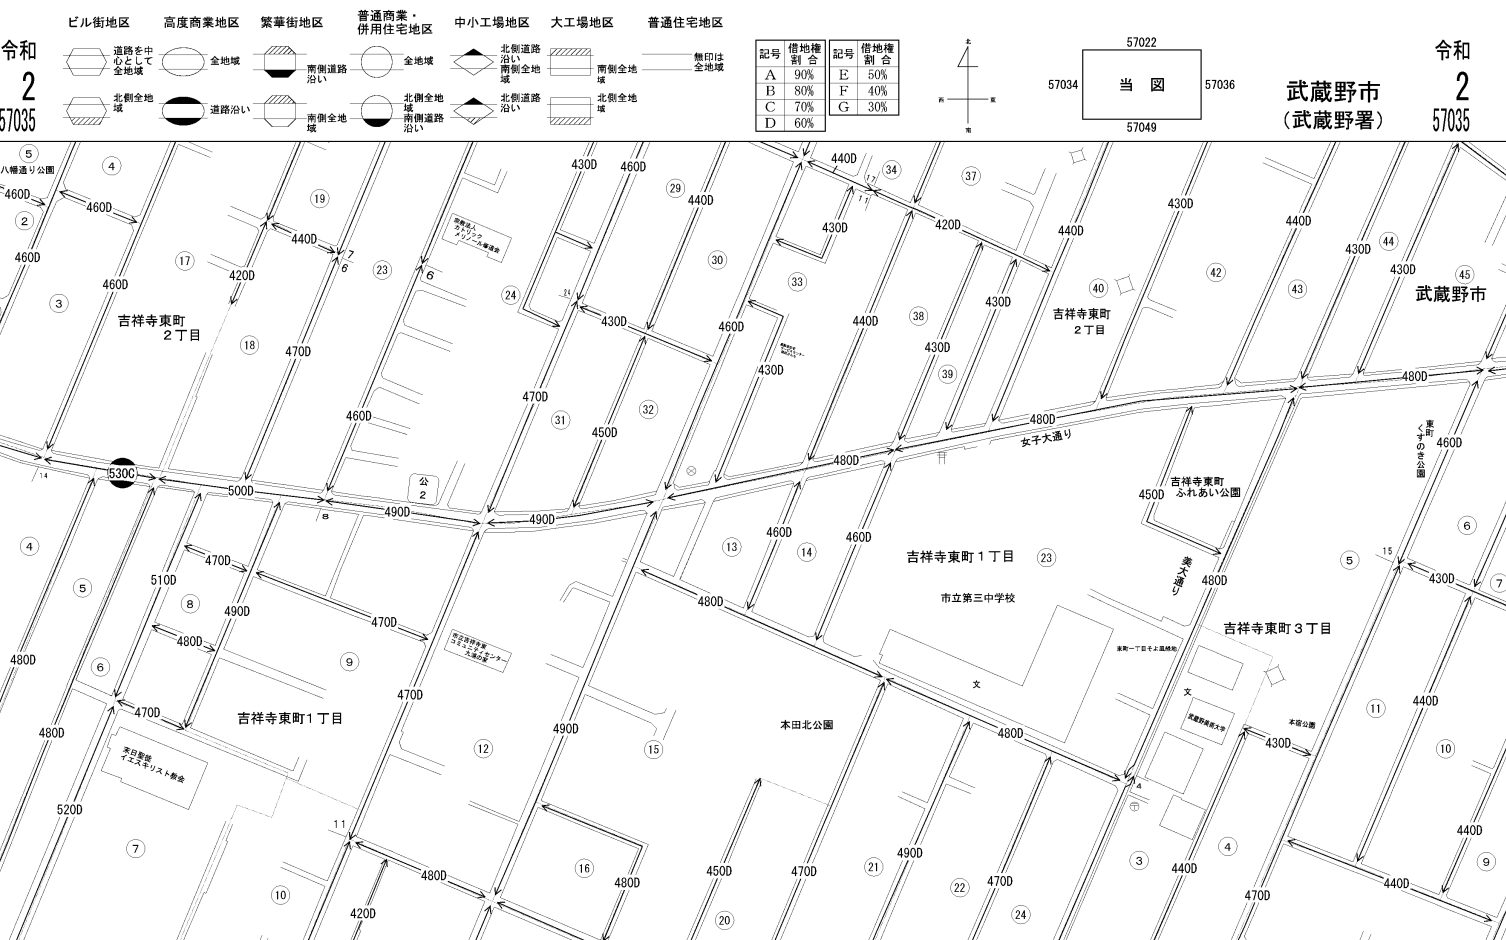 武蔵野市の路線価図